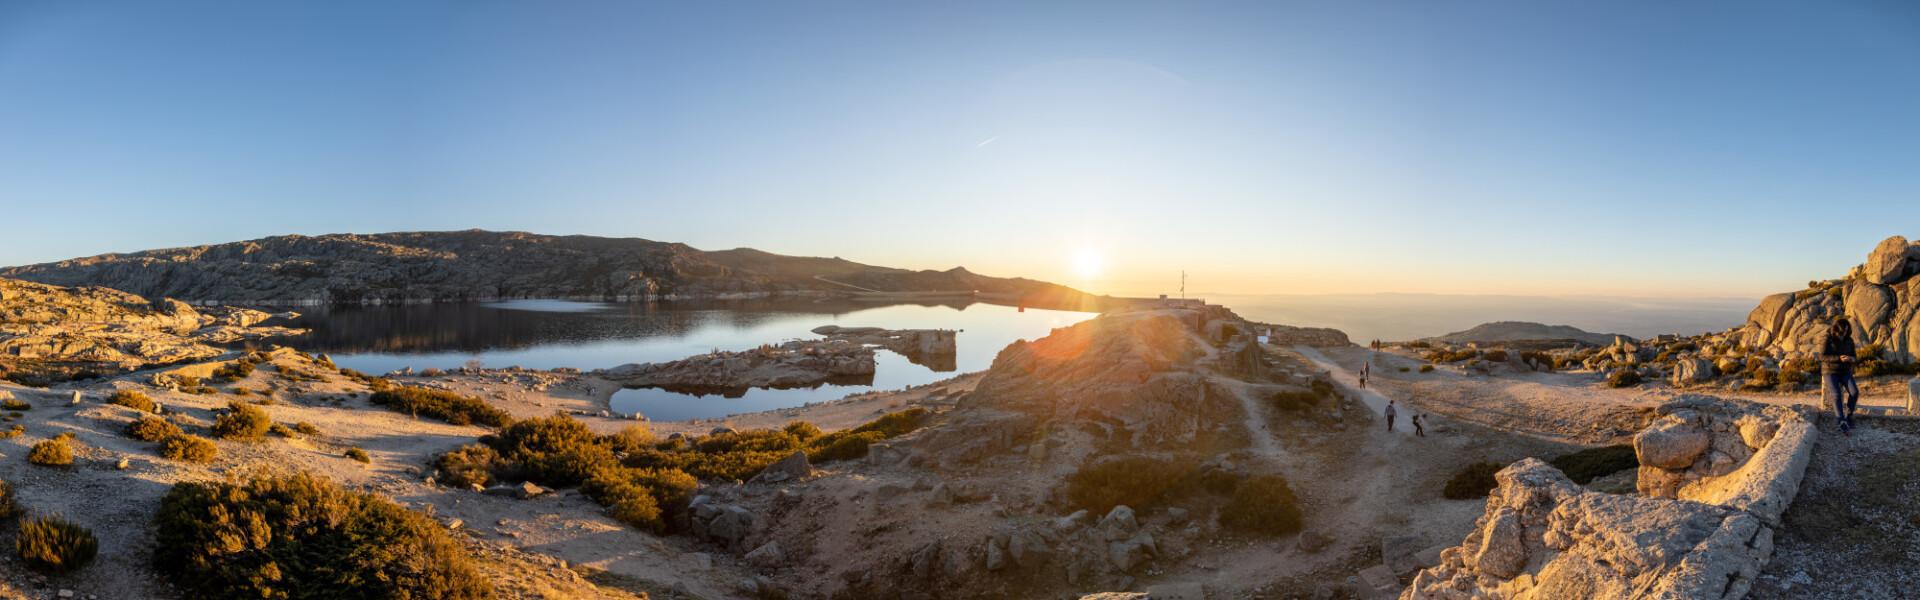 Aproveitamento hidroelétrico de Lagoa Comprida